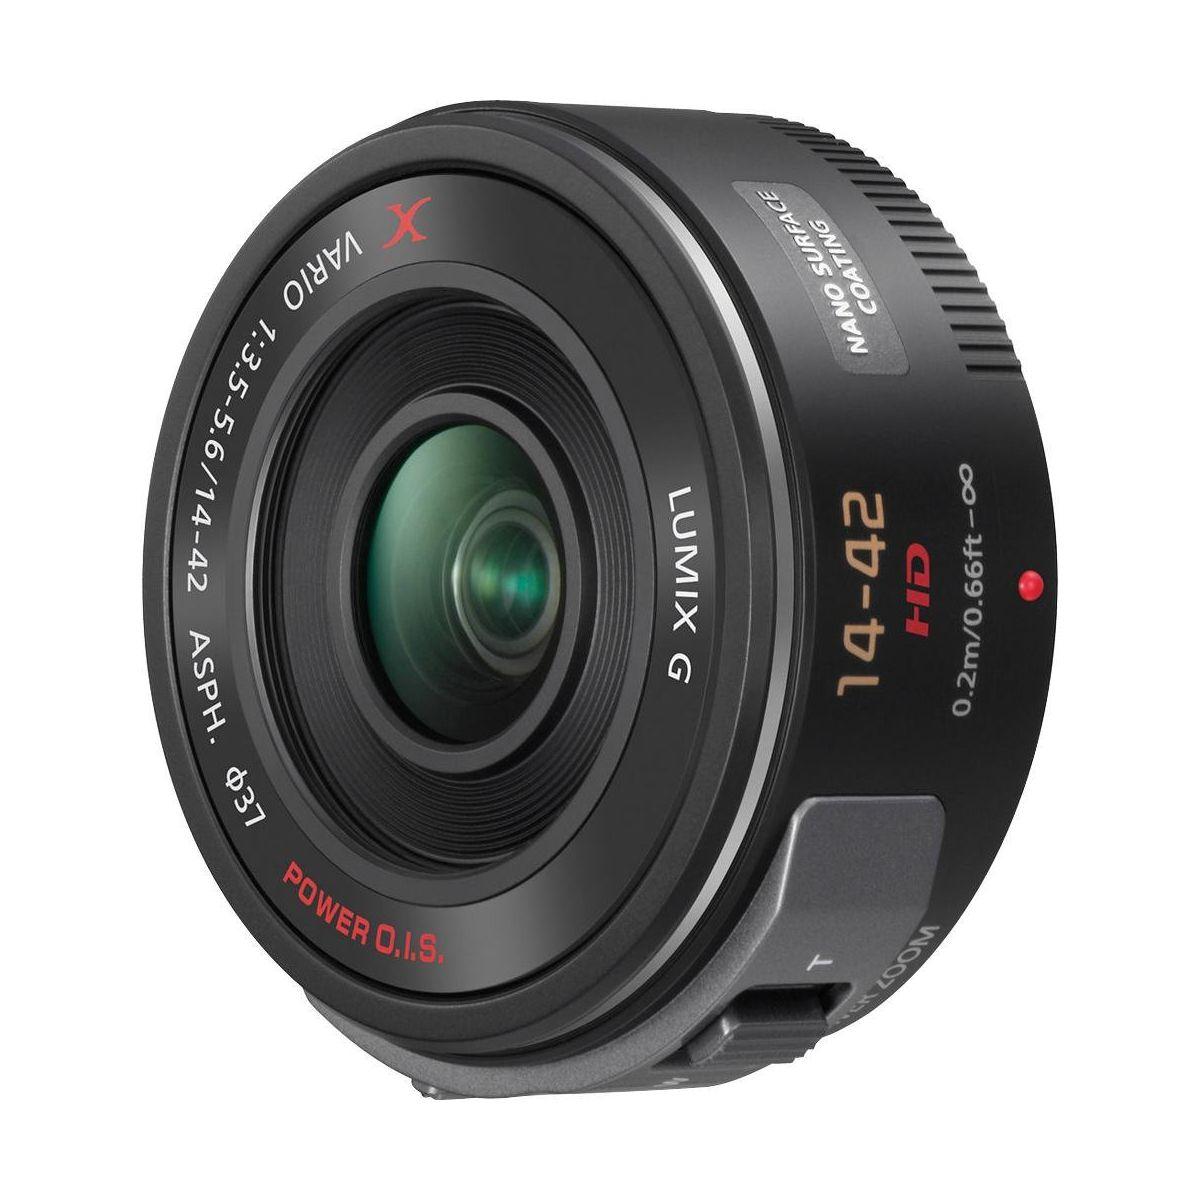 Objectif PANASONIC X Powerzoom 14-42mm f/3.5-5.6 PZ OIS noir Lumix G X pour Hybride Panasonic